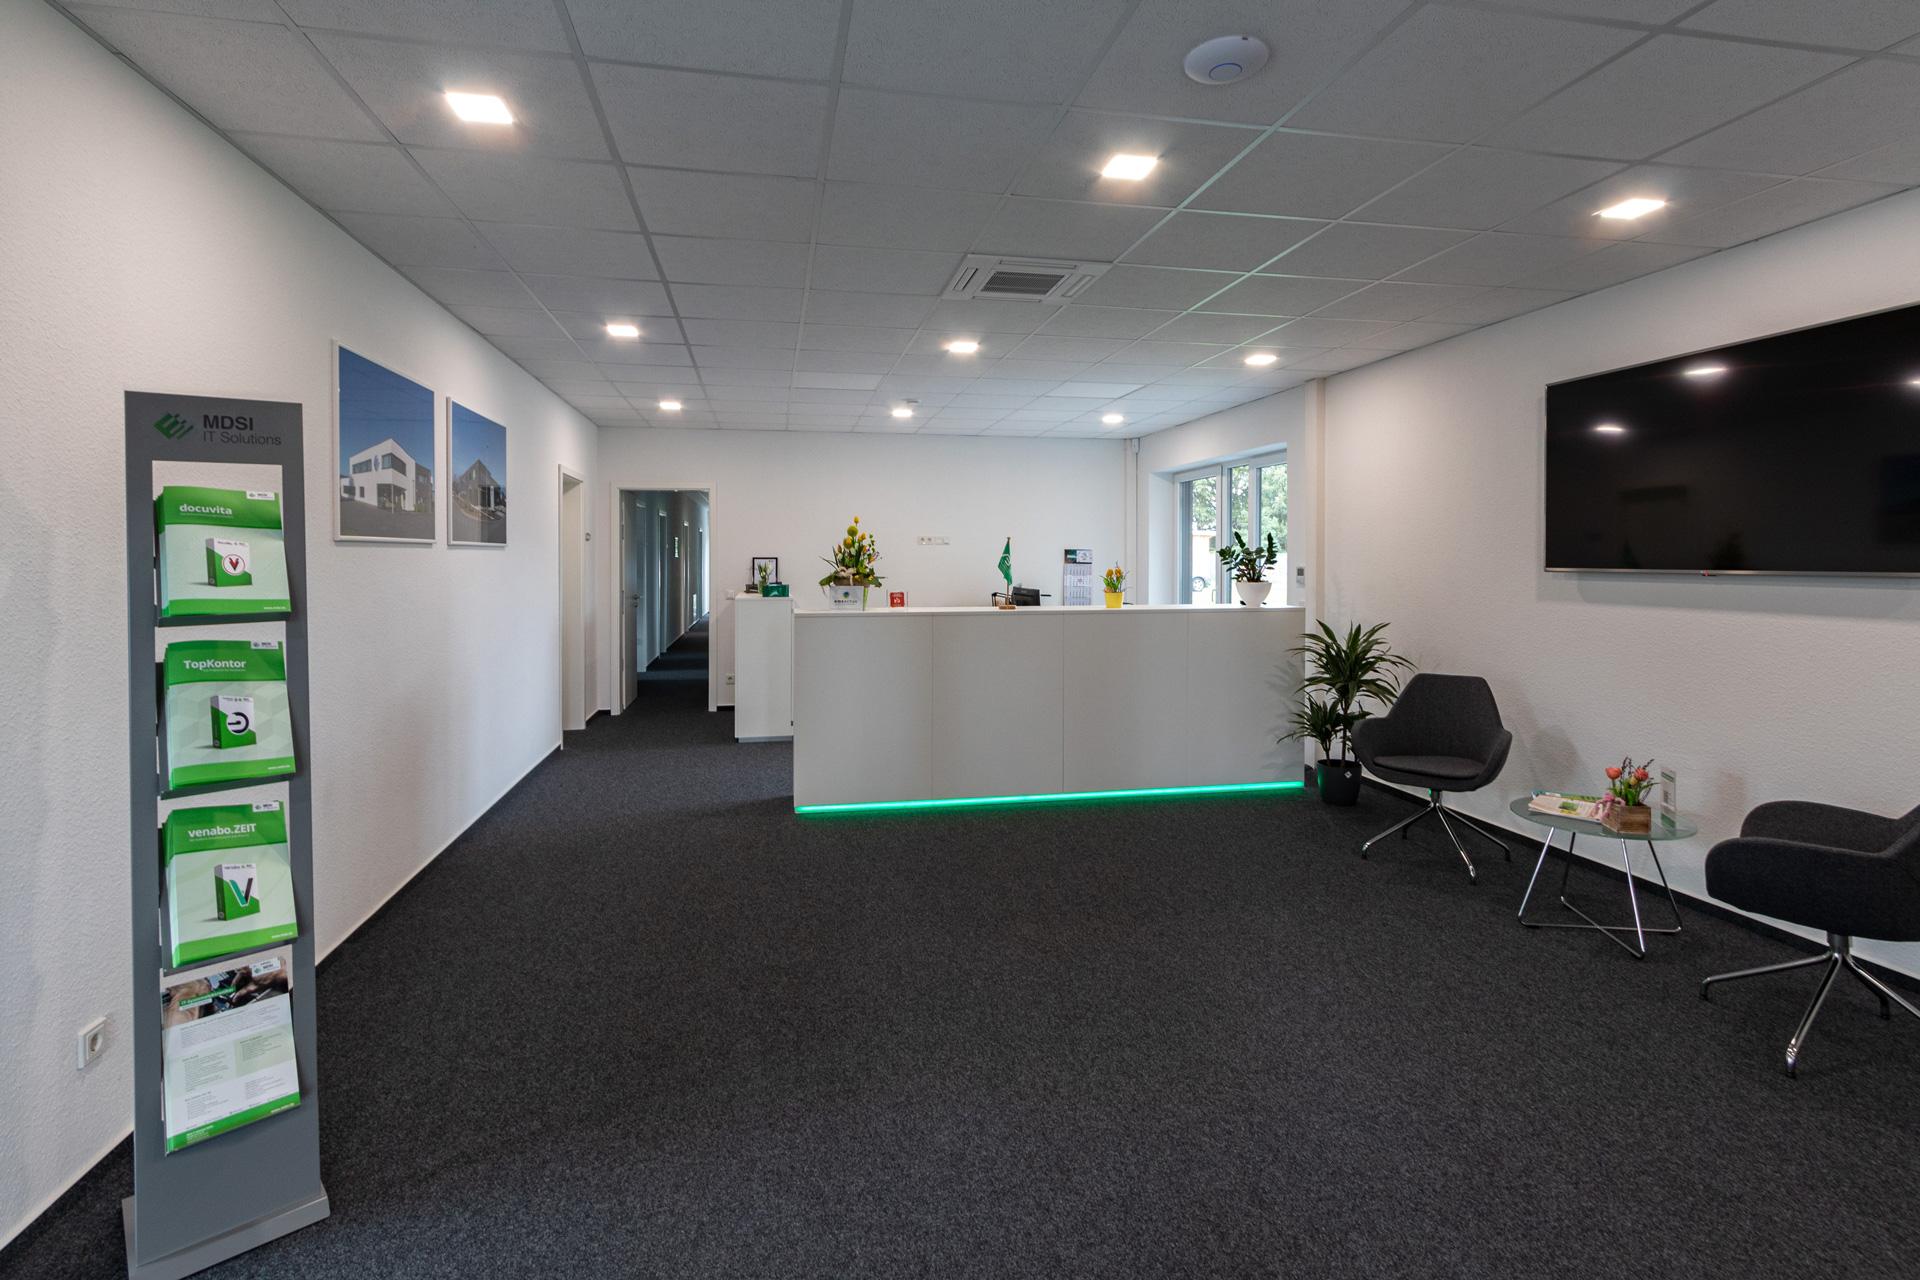 2eingangsbereich.jpg – MDSI IT Solutions GmbH